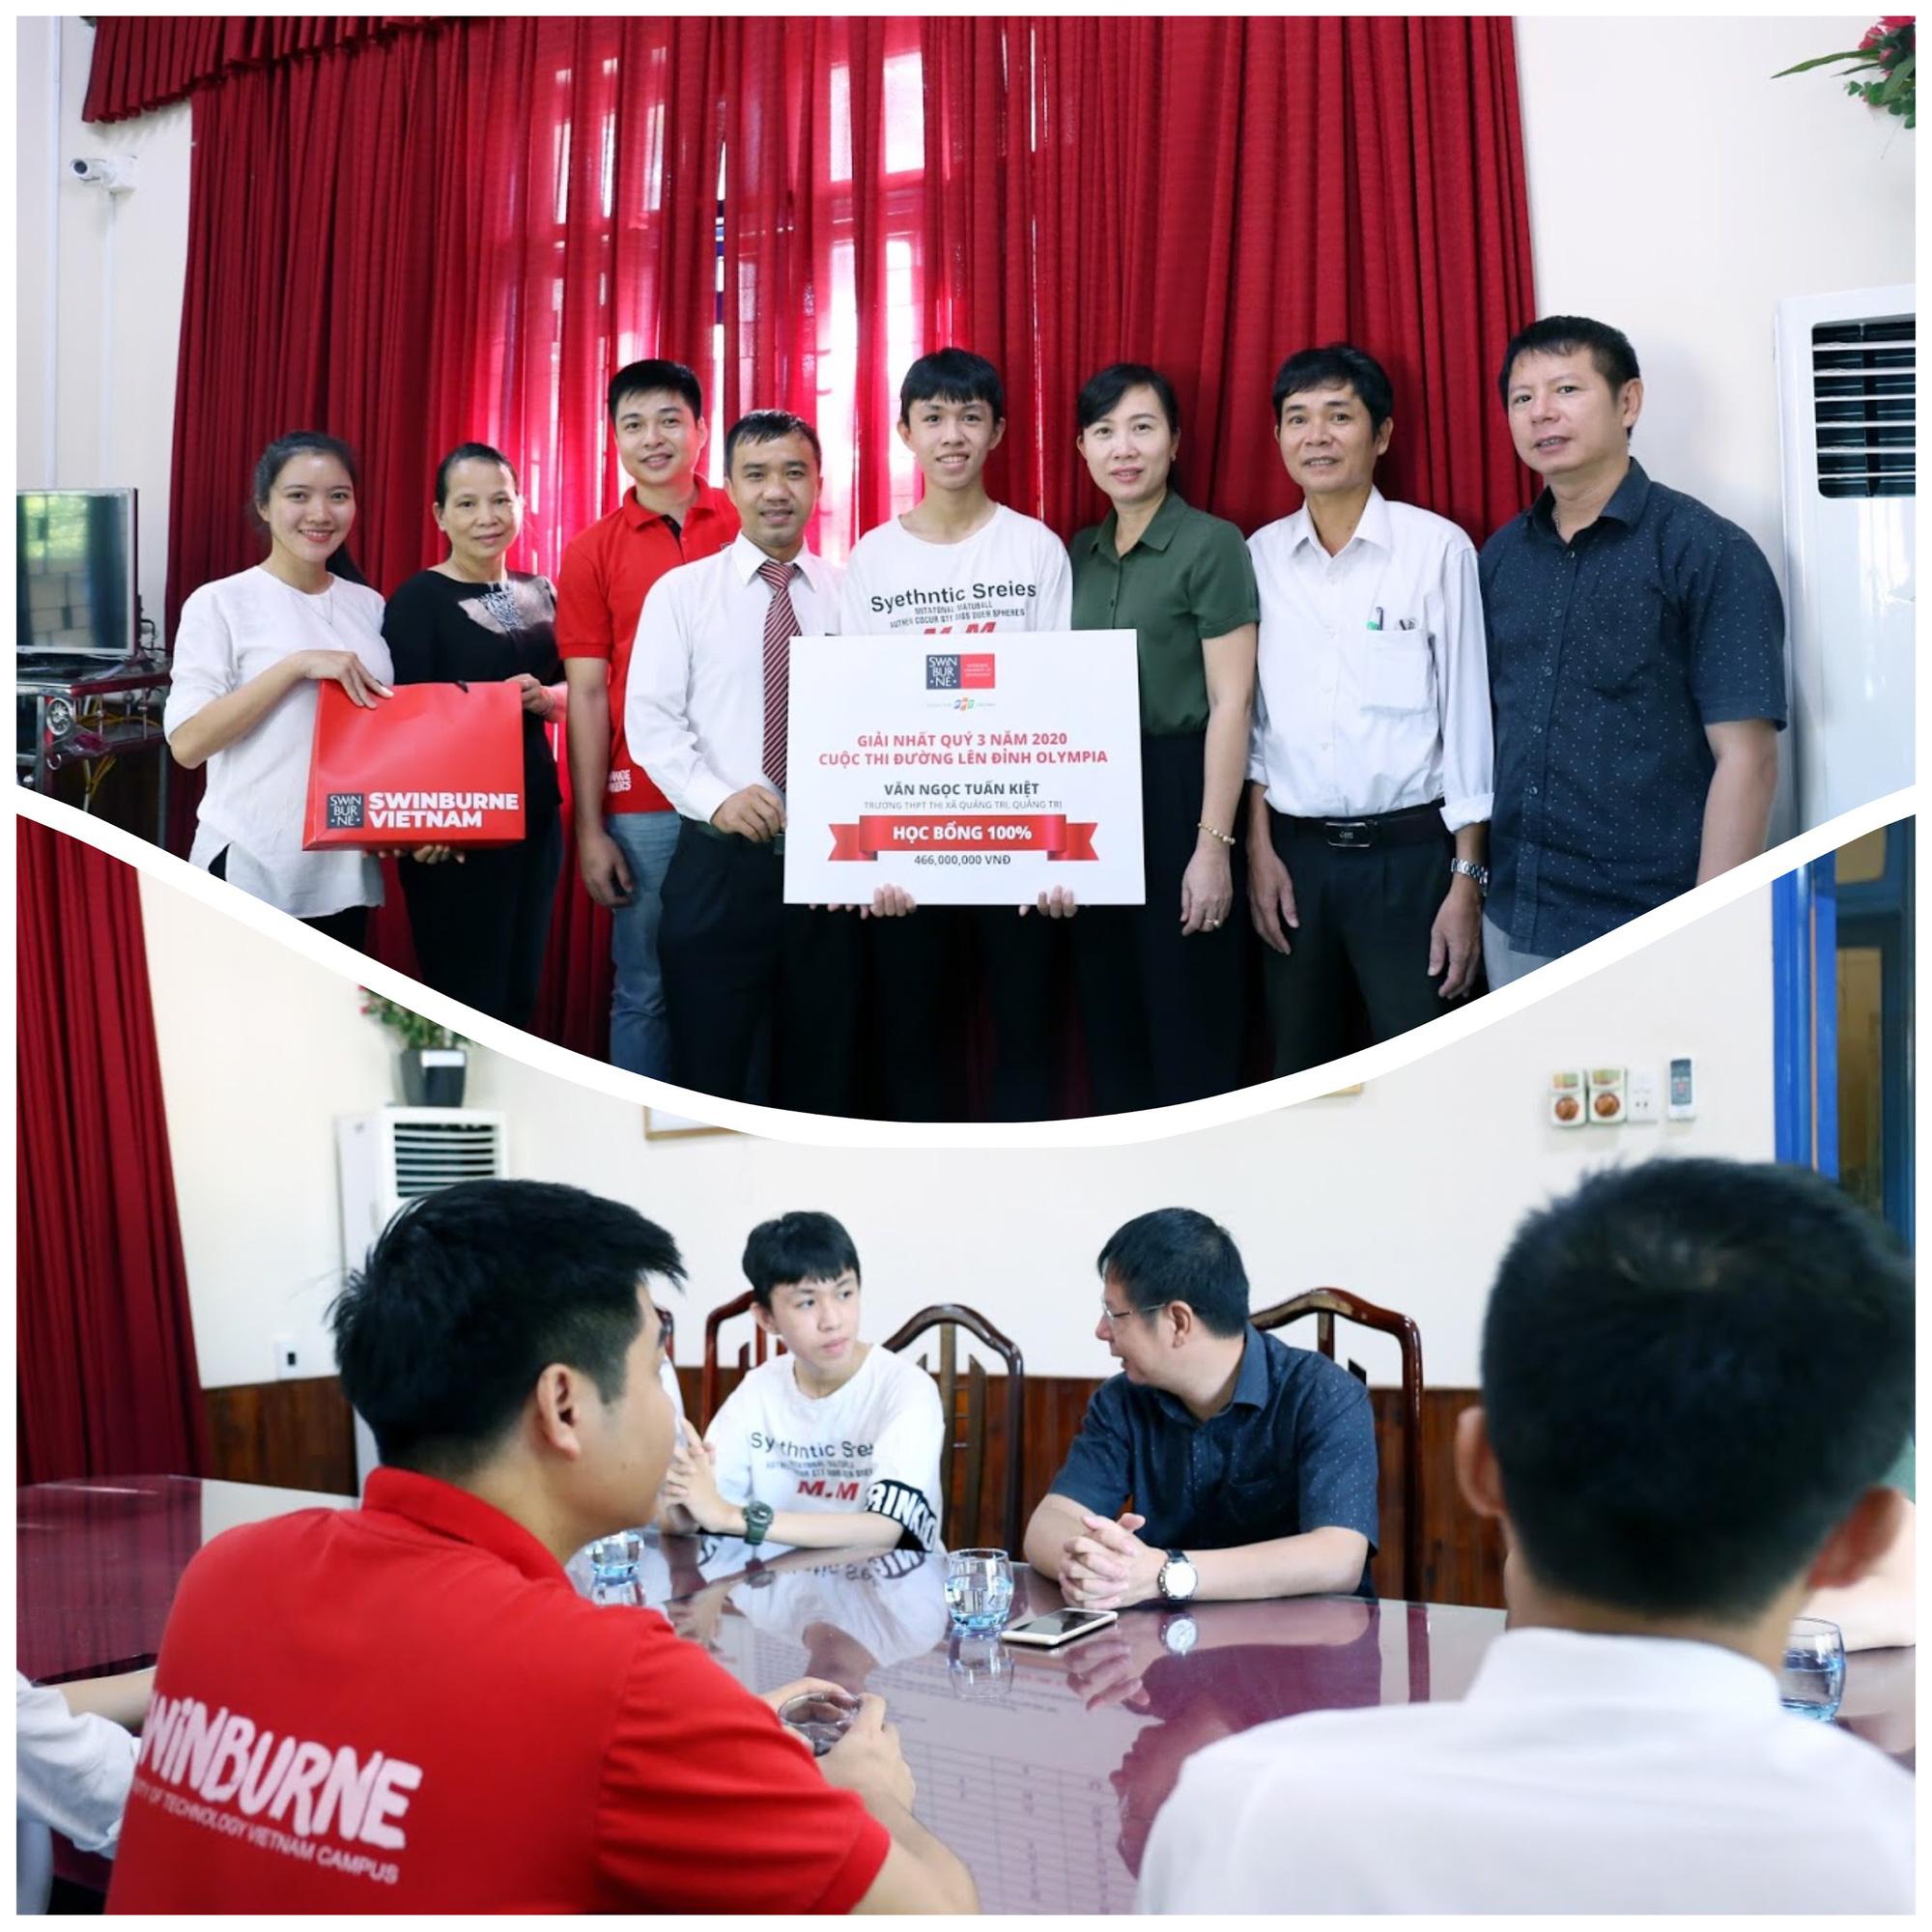 Swinburne Việt Nam trao học bổng gần 2 tỷ đồng cho 4 thí sinh trước vòng chung kết Olympia - Ảnh 4.